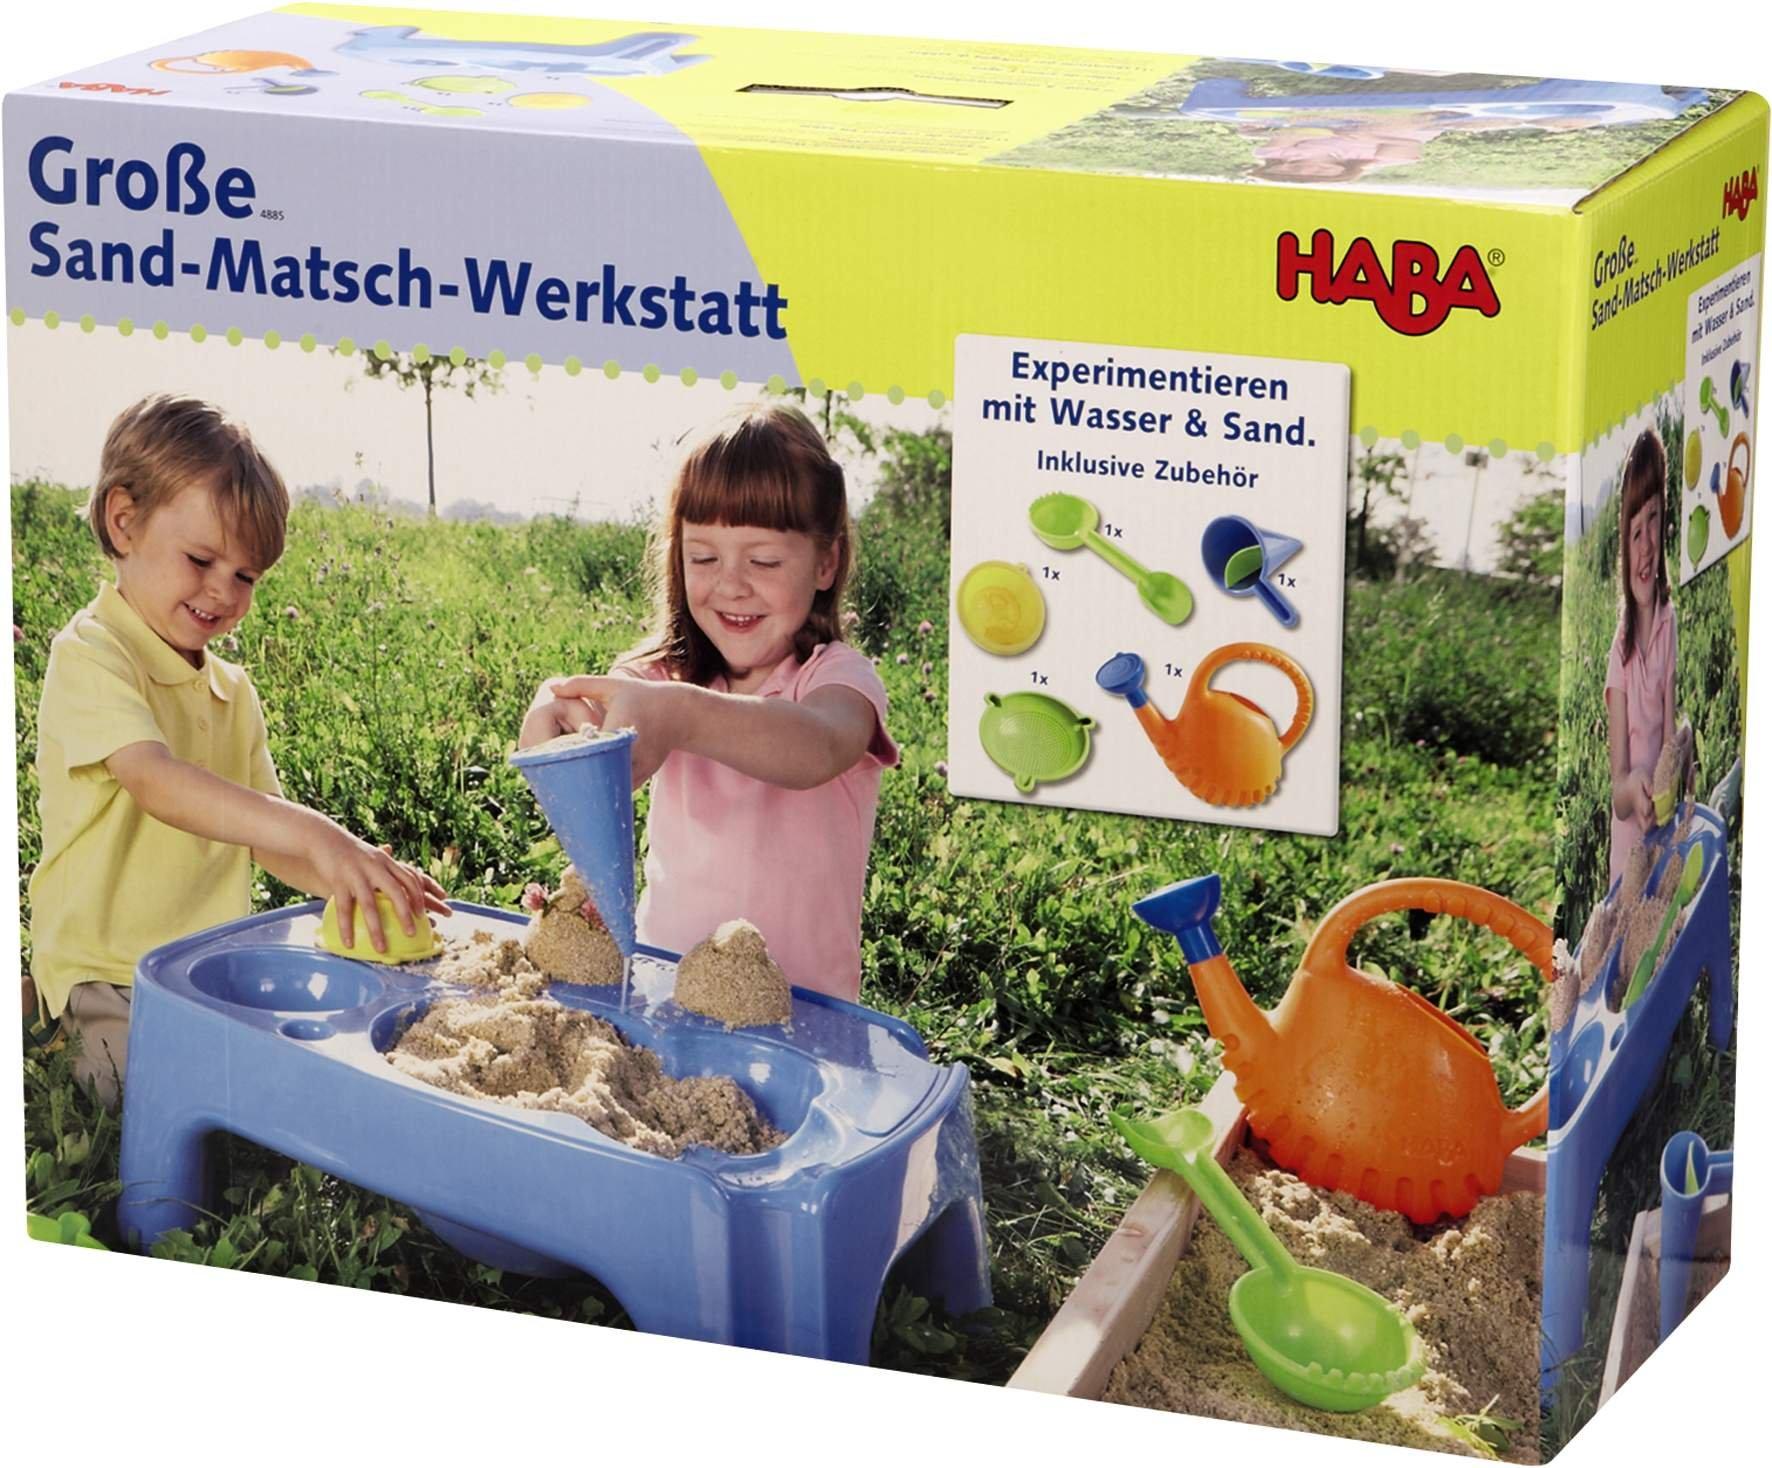 HABA 4885 Große Sand Matsch Werkstatt | duo